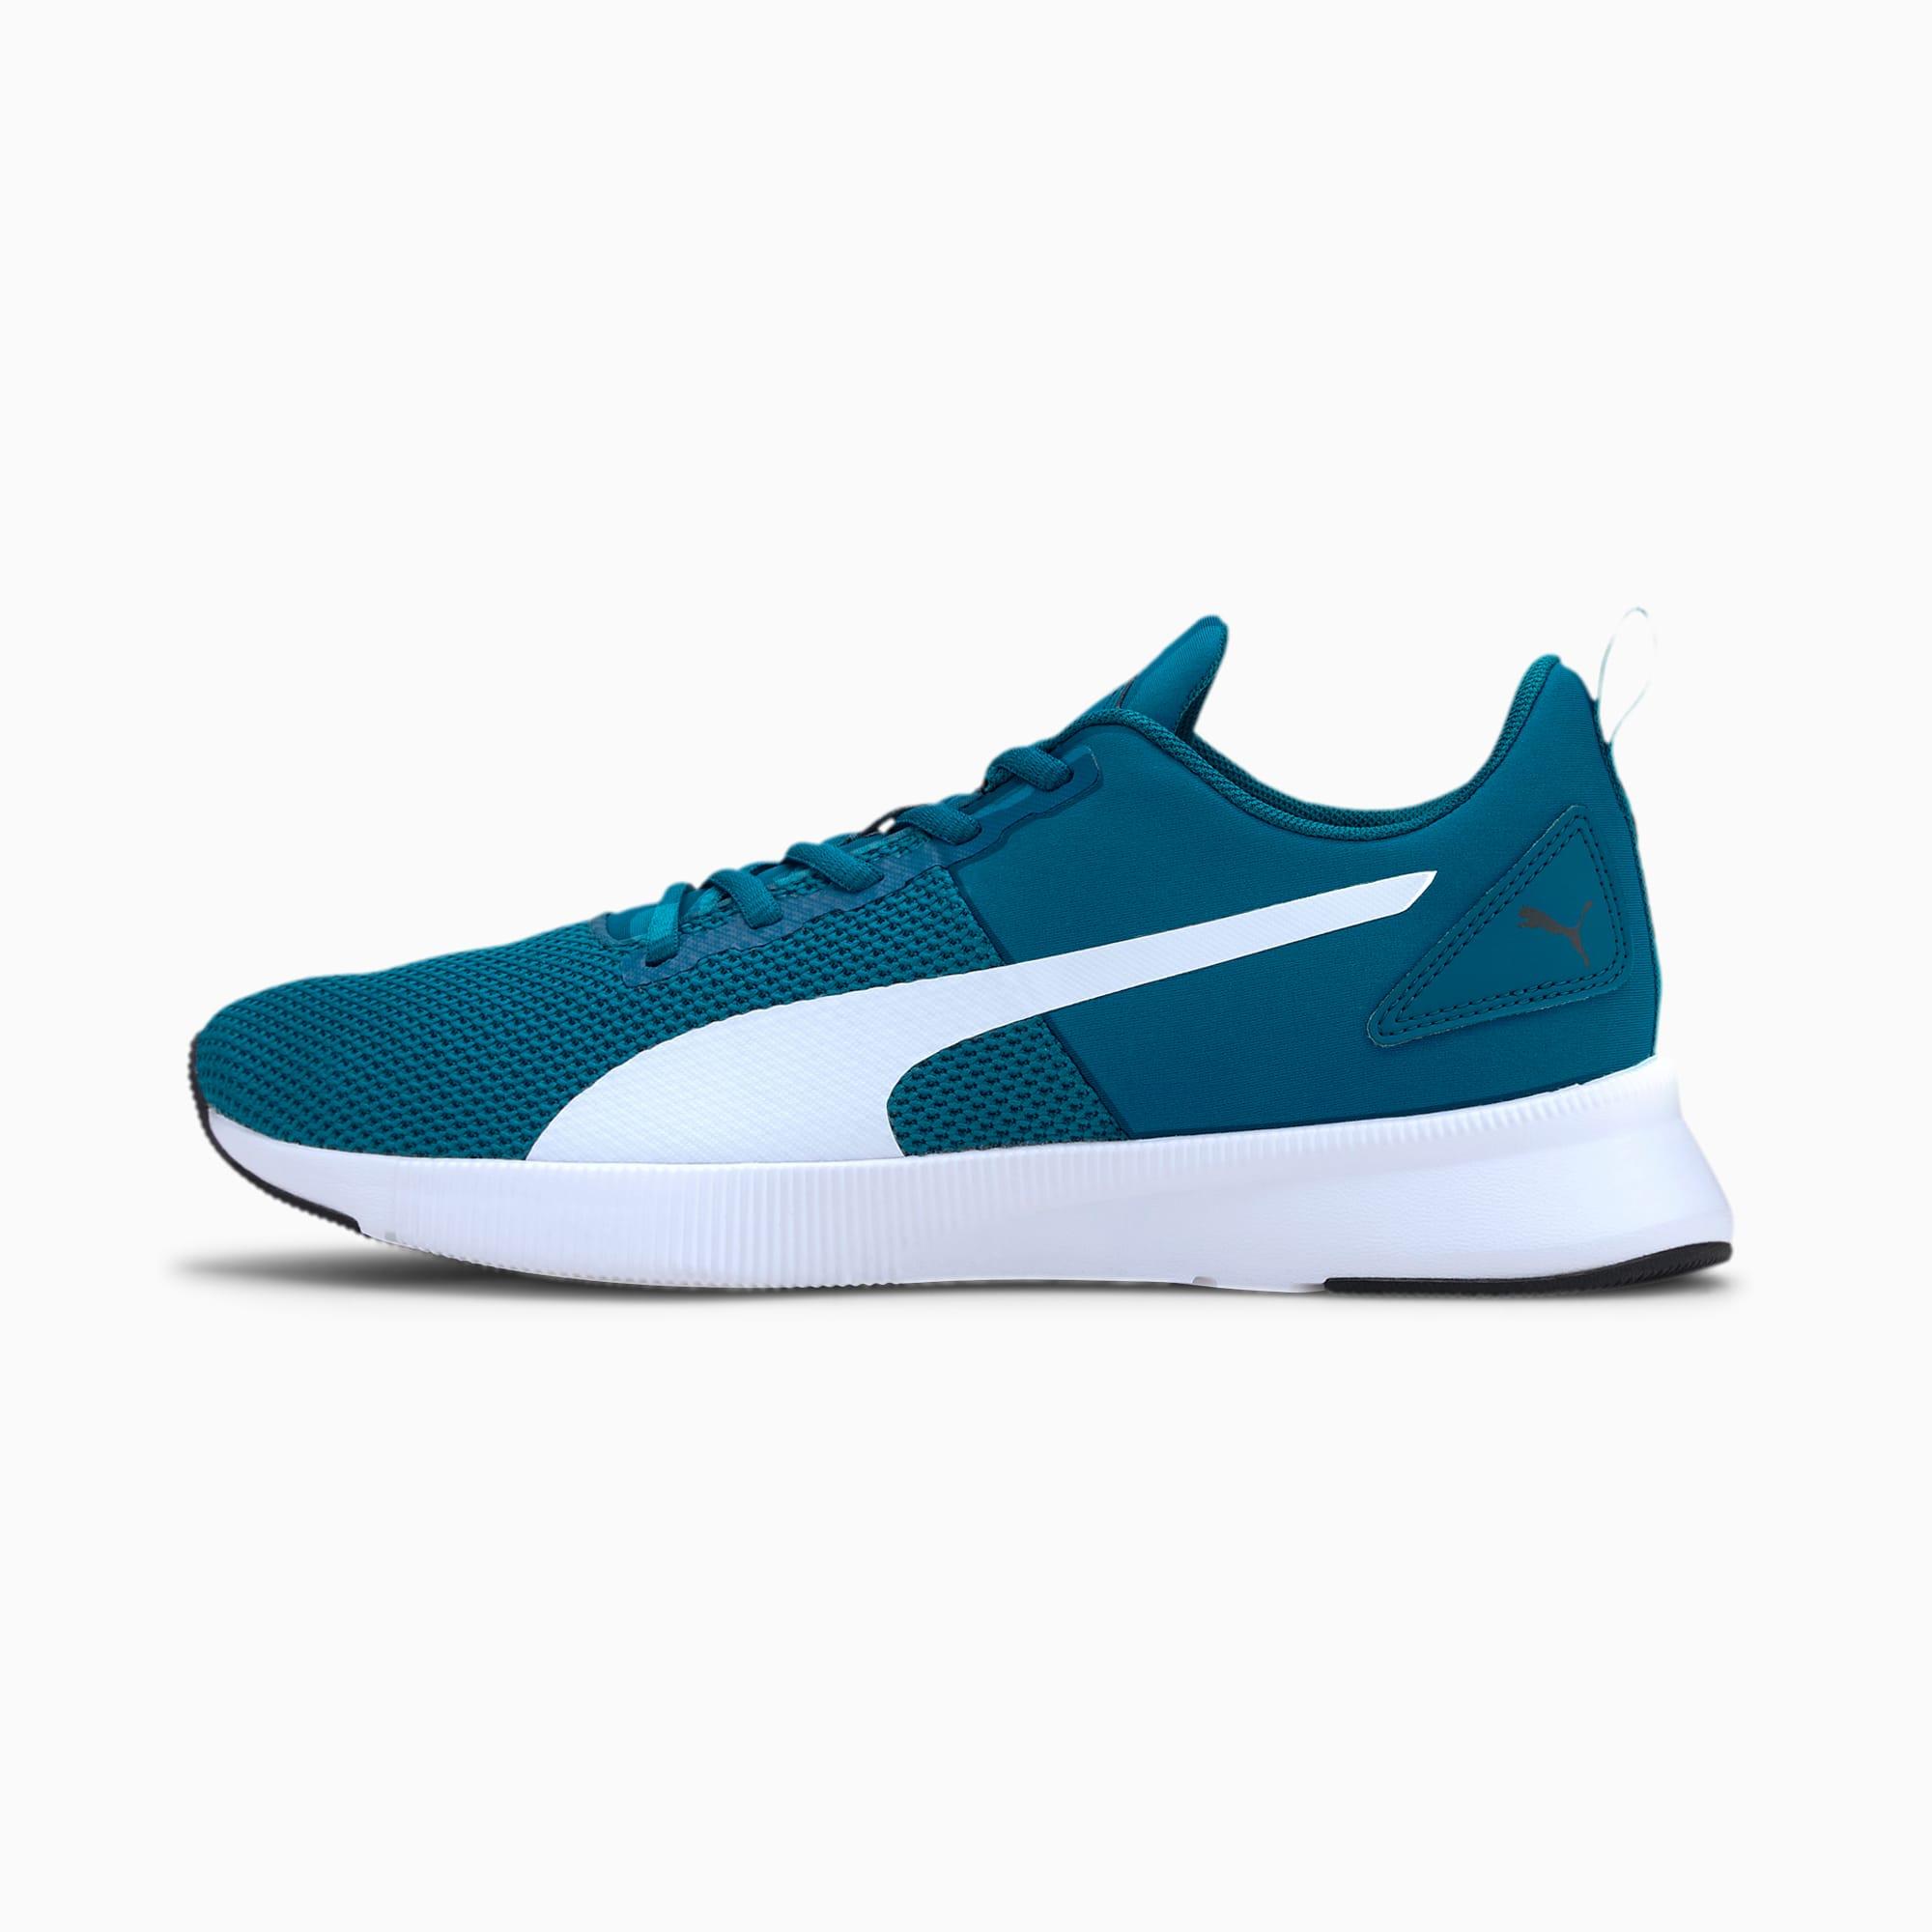 PUMA Chaussure de course Flyer Runner, Blanc/Bleu, Taille 42.5, Chaussures